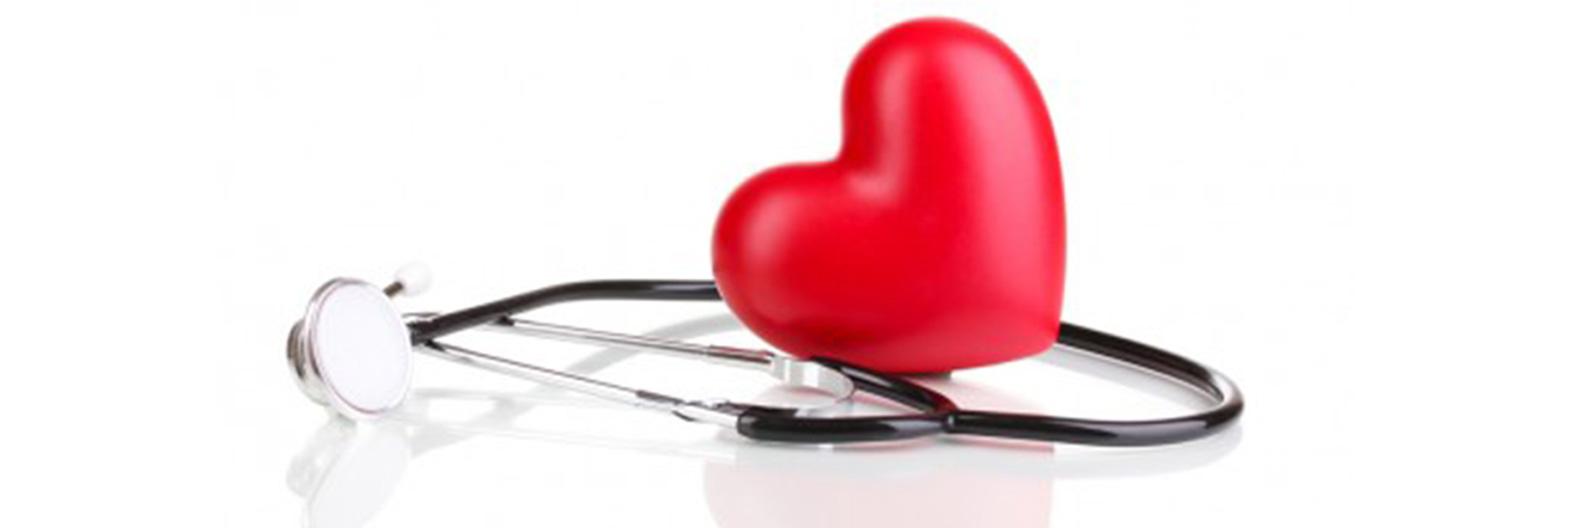 hipertenzija kas tai yra.duoti ar grupei hipertenzijos šalutinis poveikis